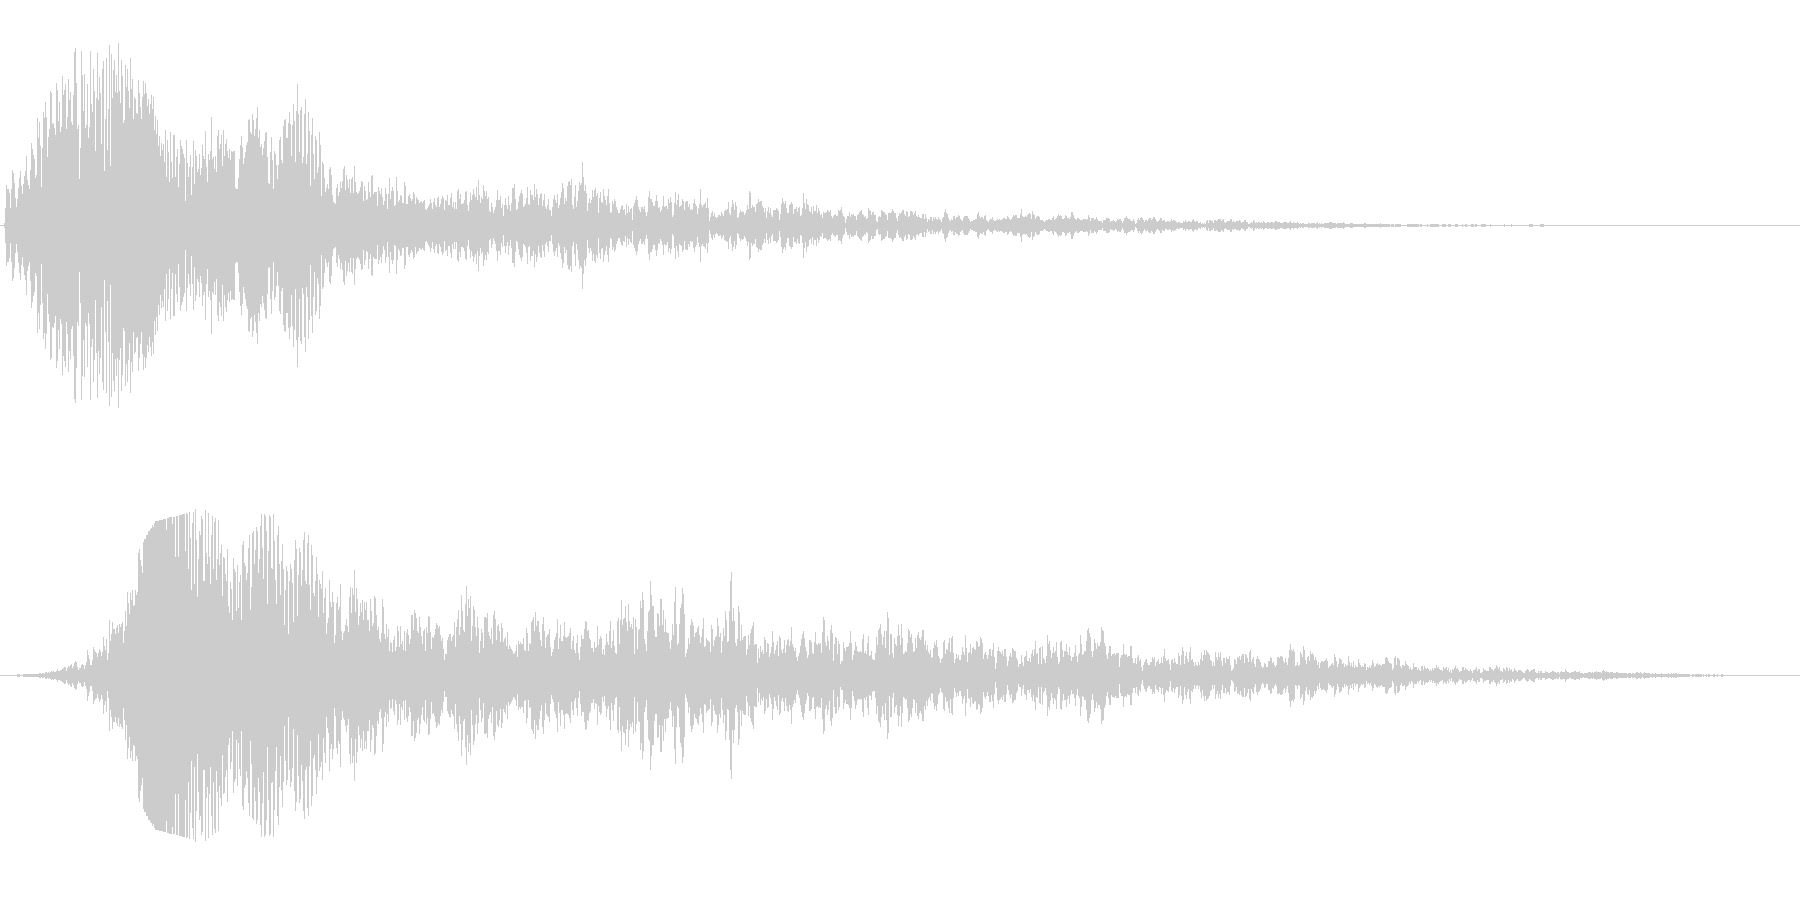 ヒュワワーン(SF感のある通過音)の未再生の波形